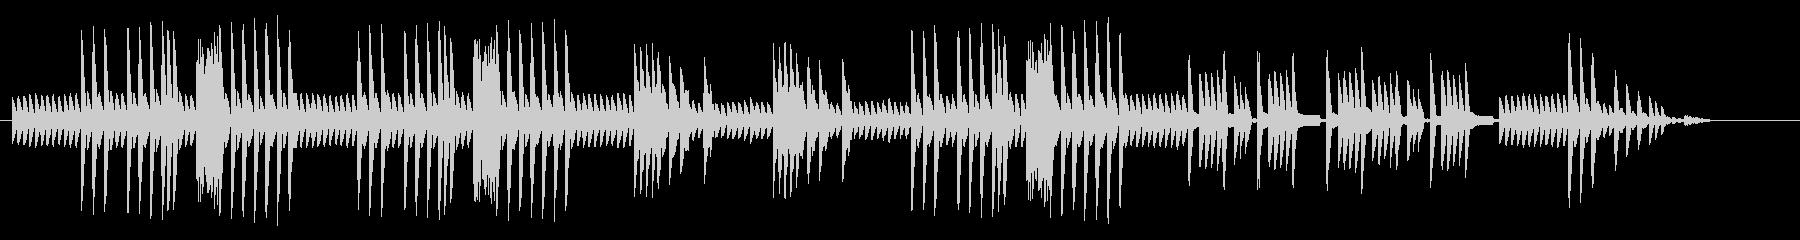 8bitクラシック オリエンタルの未再生の波形